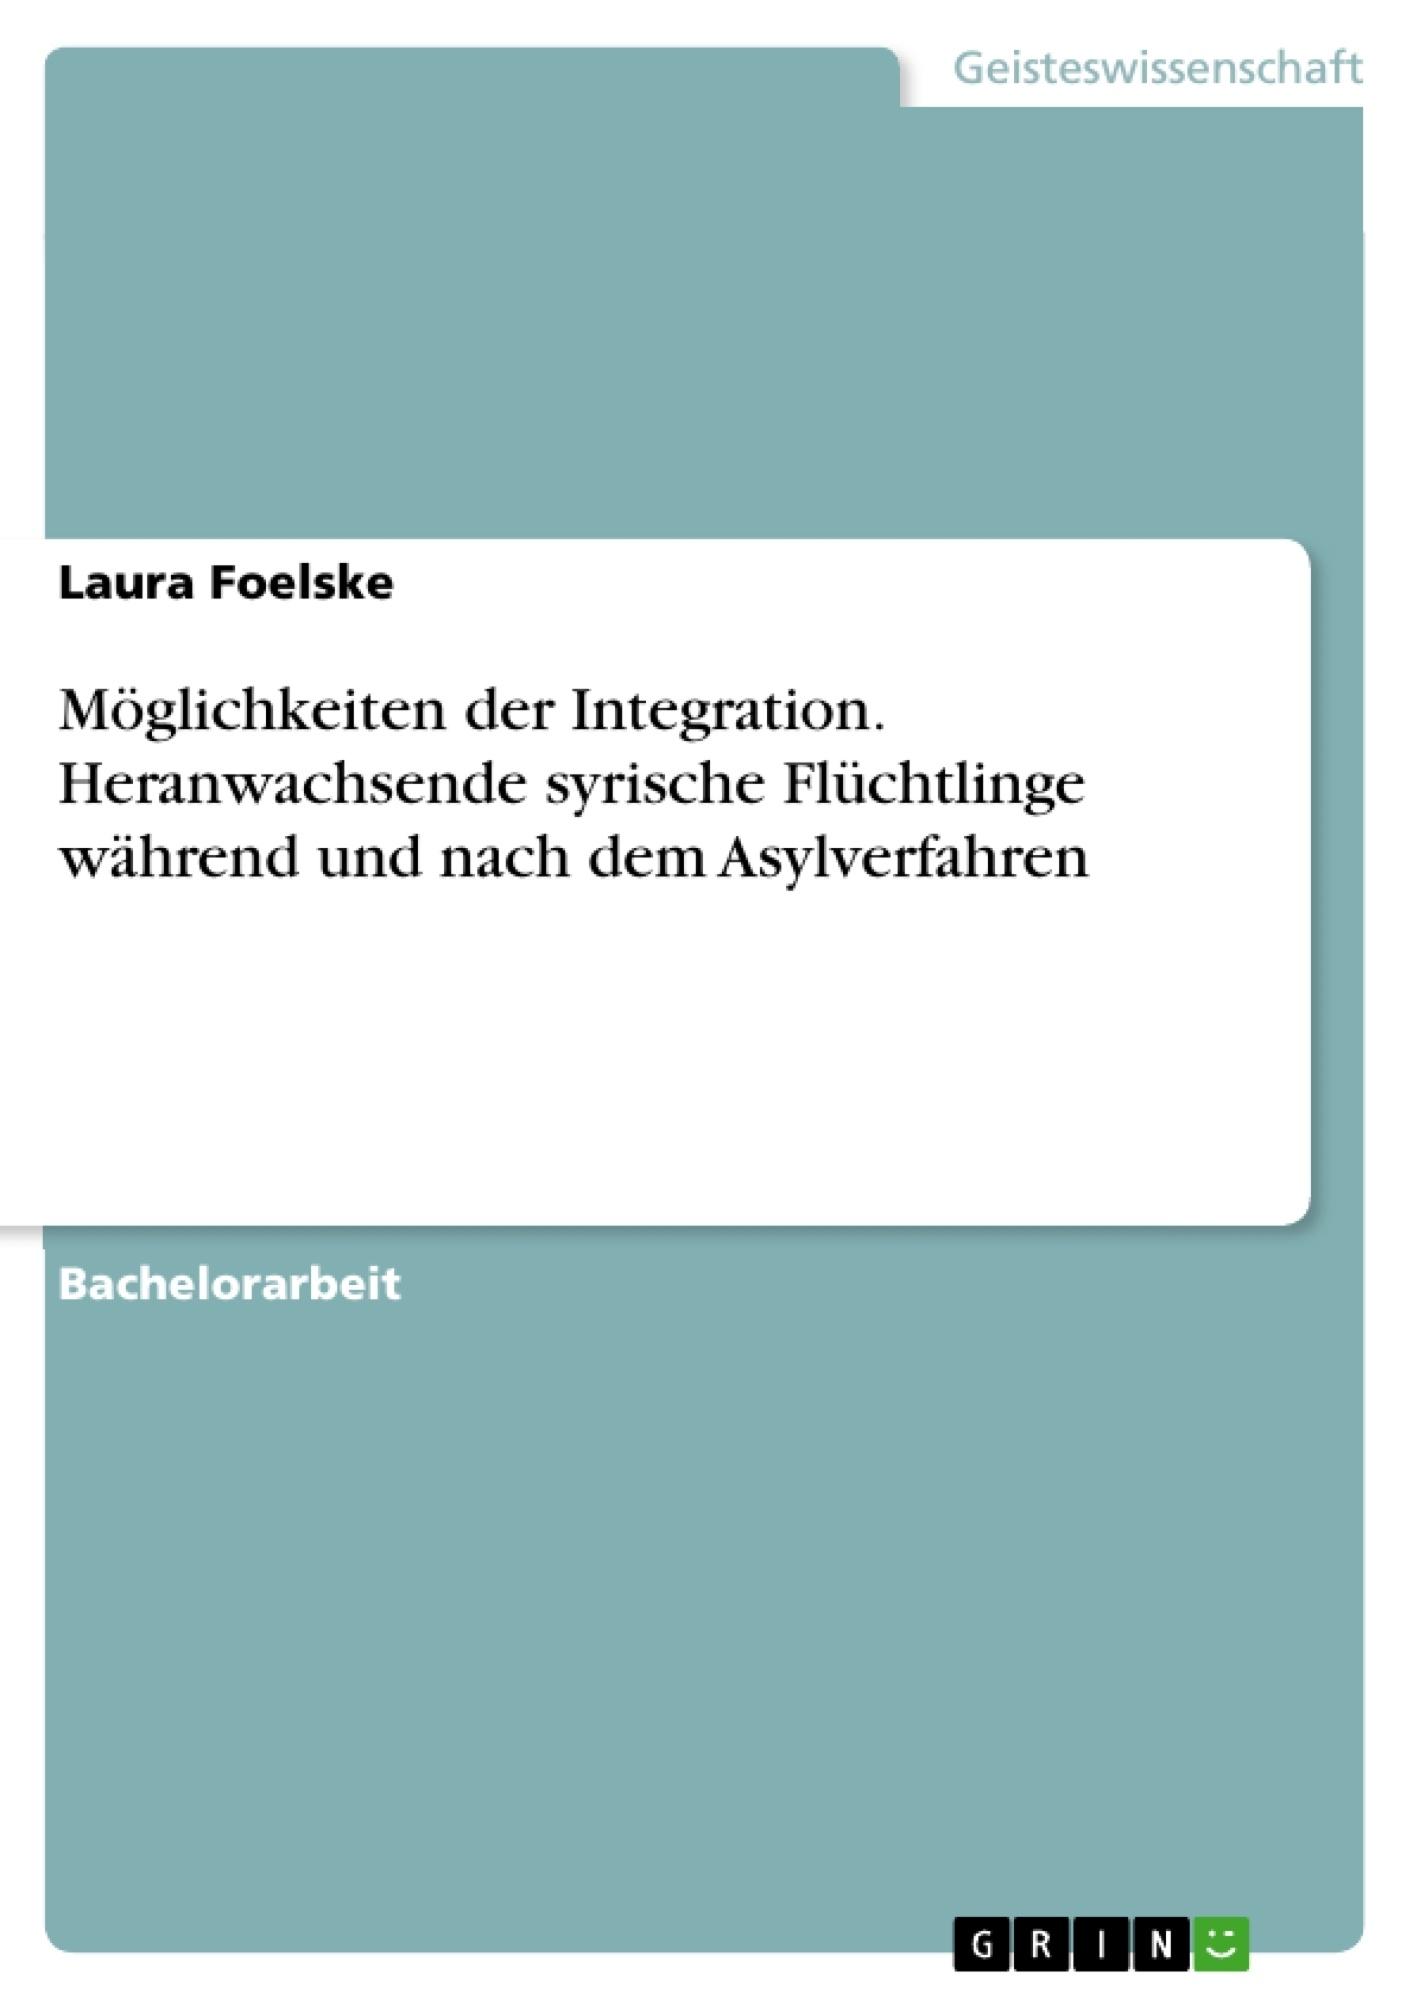 Titel: Möglichkeiten der Integration. Heranwachsende syrische Flüchtlinge während und nach dem Asylverfahren